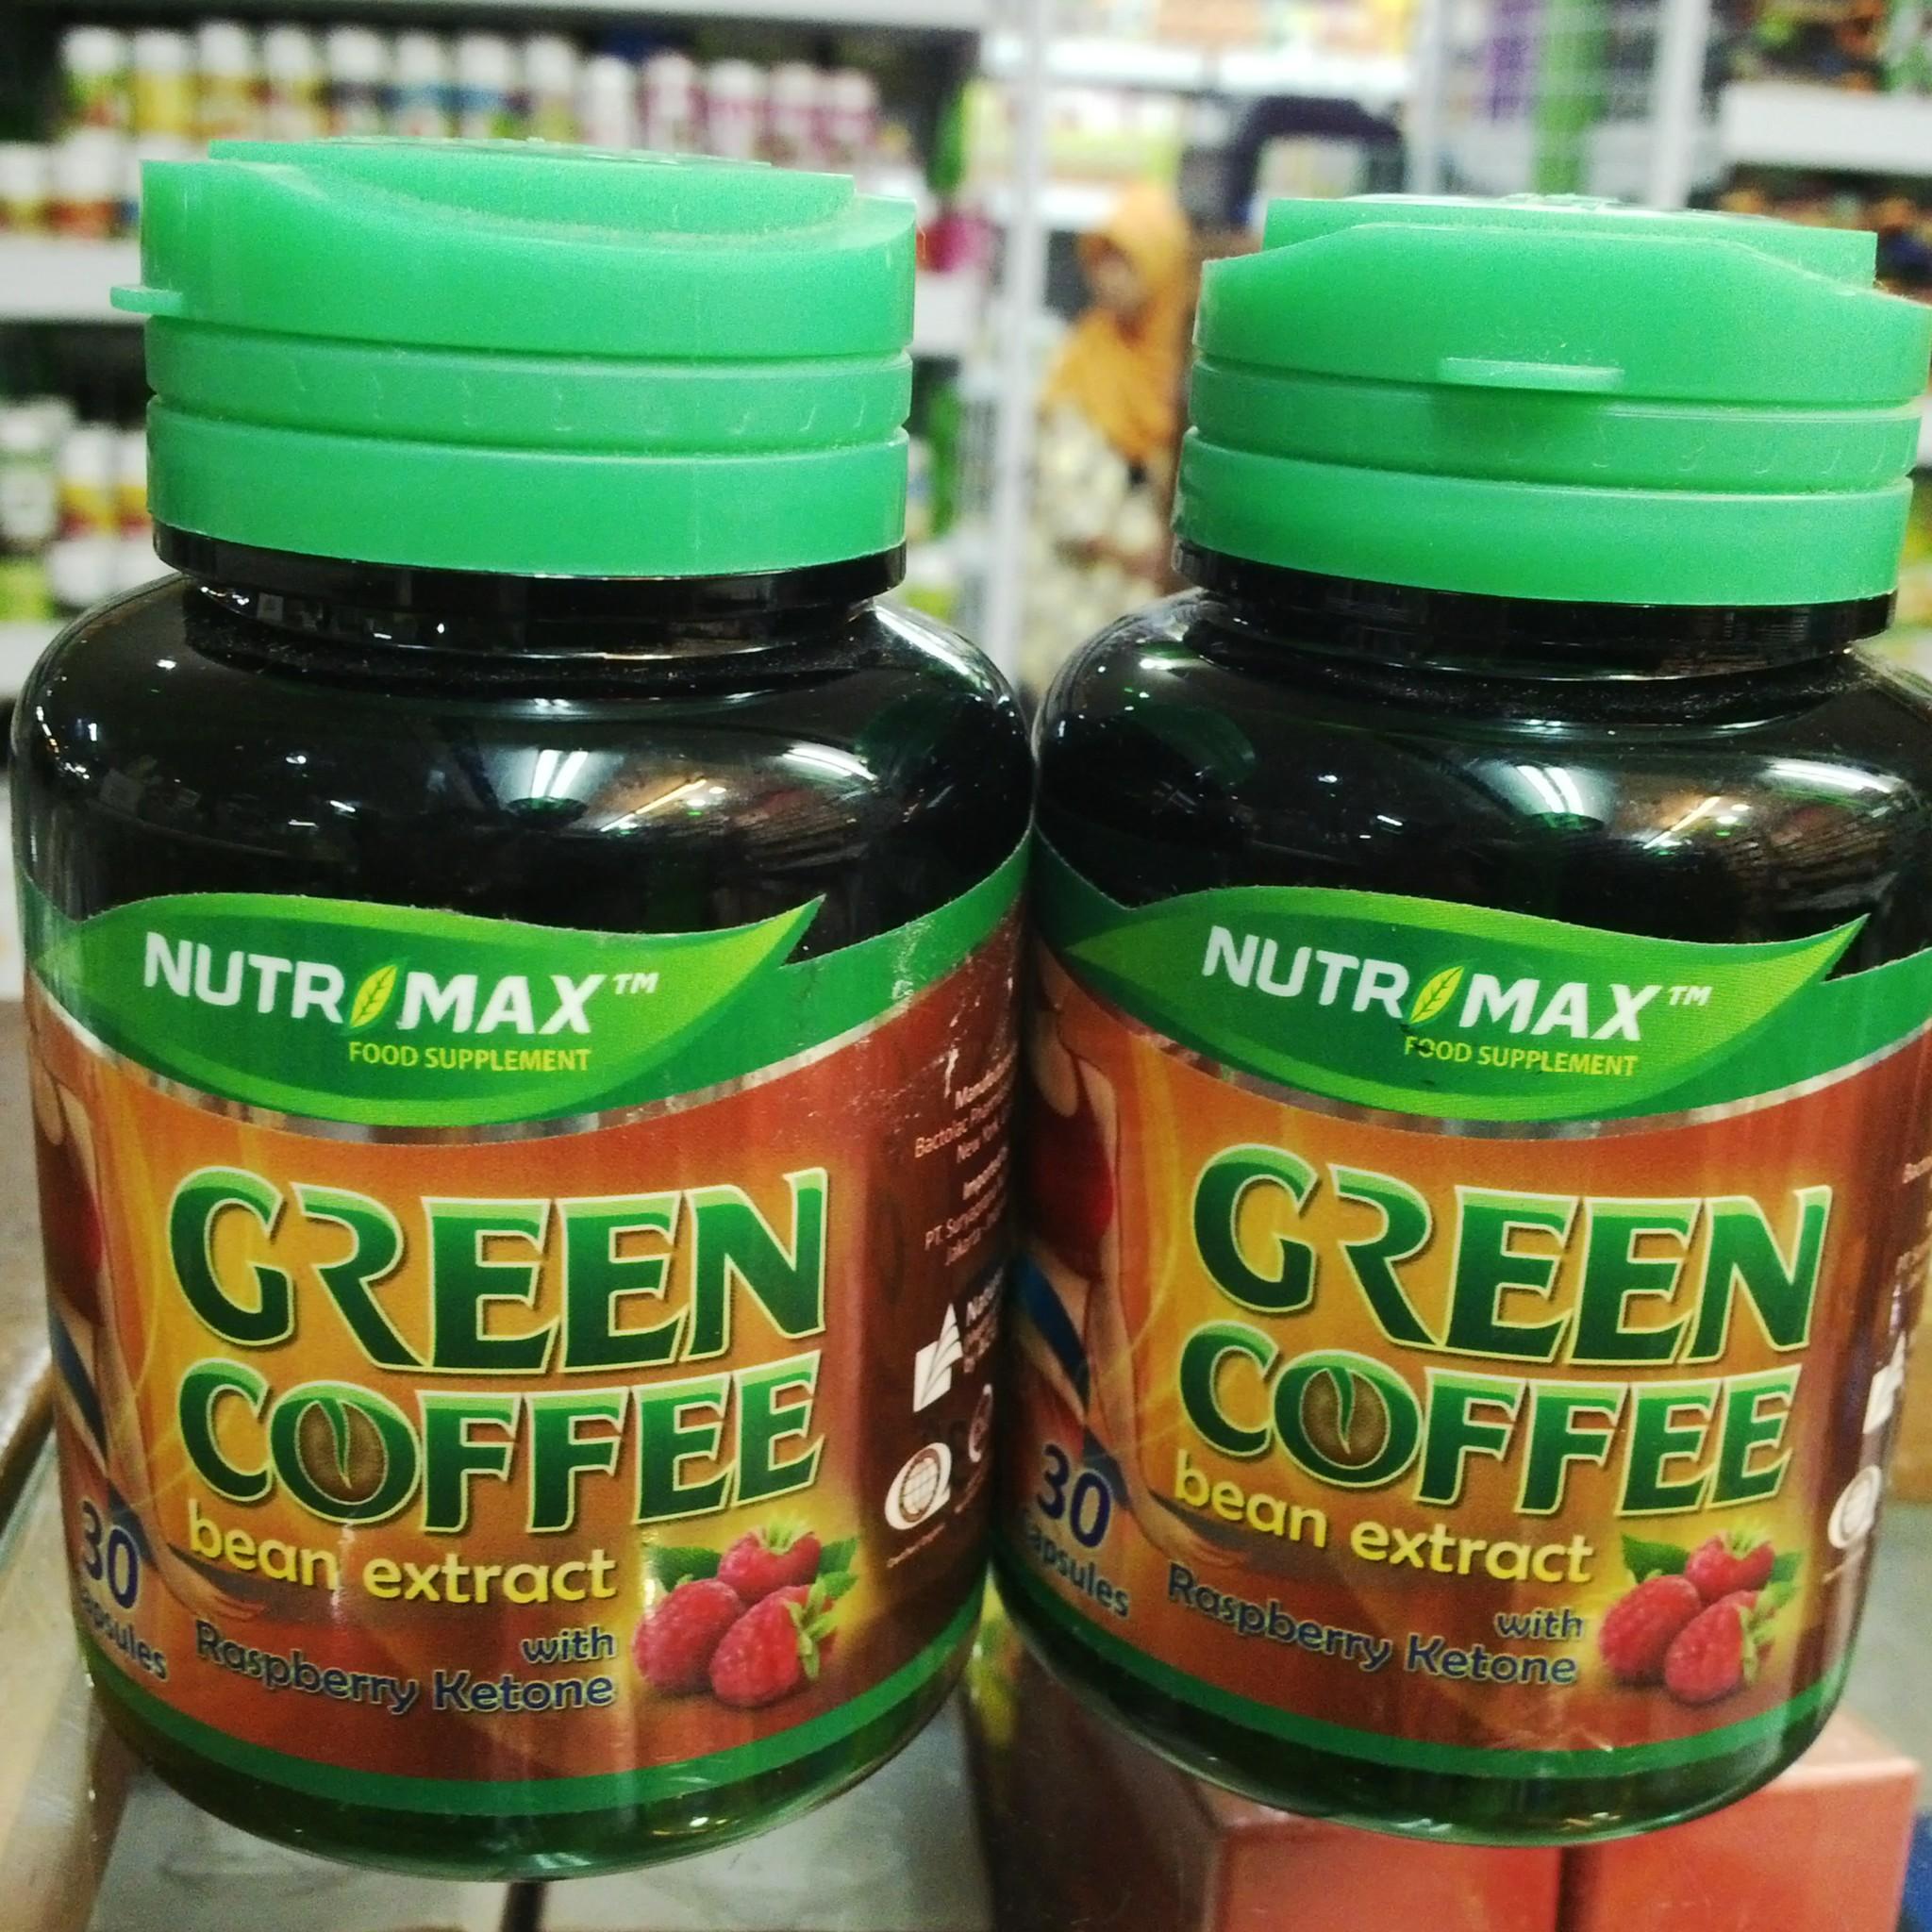 jual obat diet nutrimax green coffee apt cinta sehat tokopedia